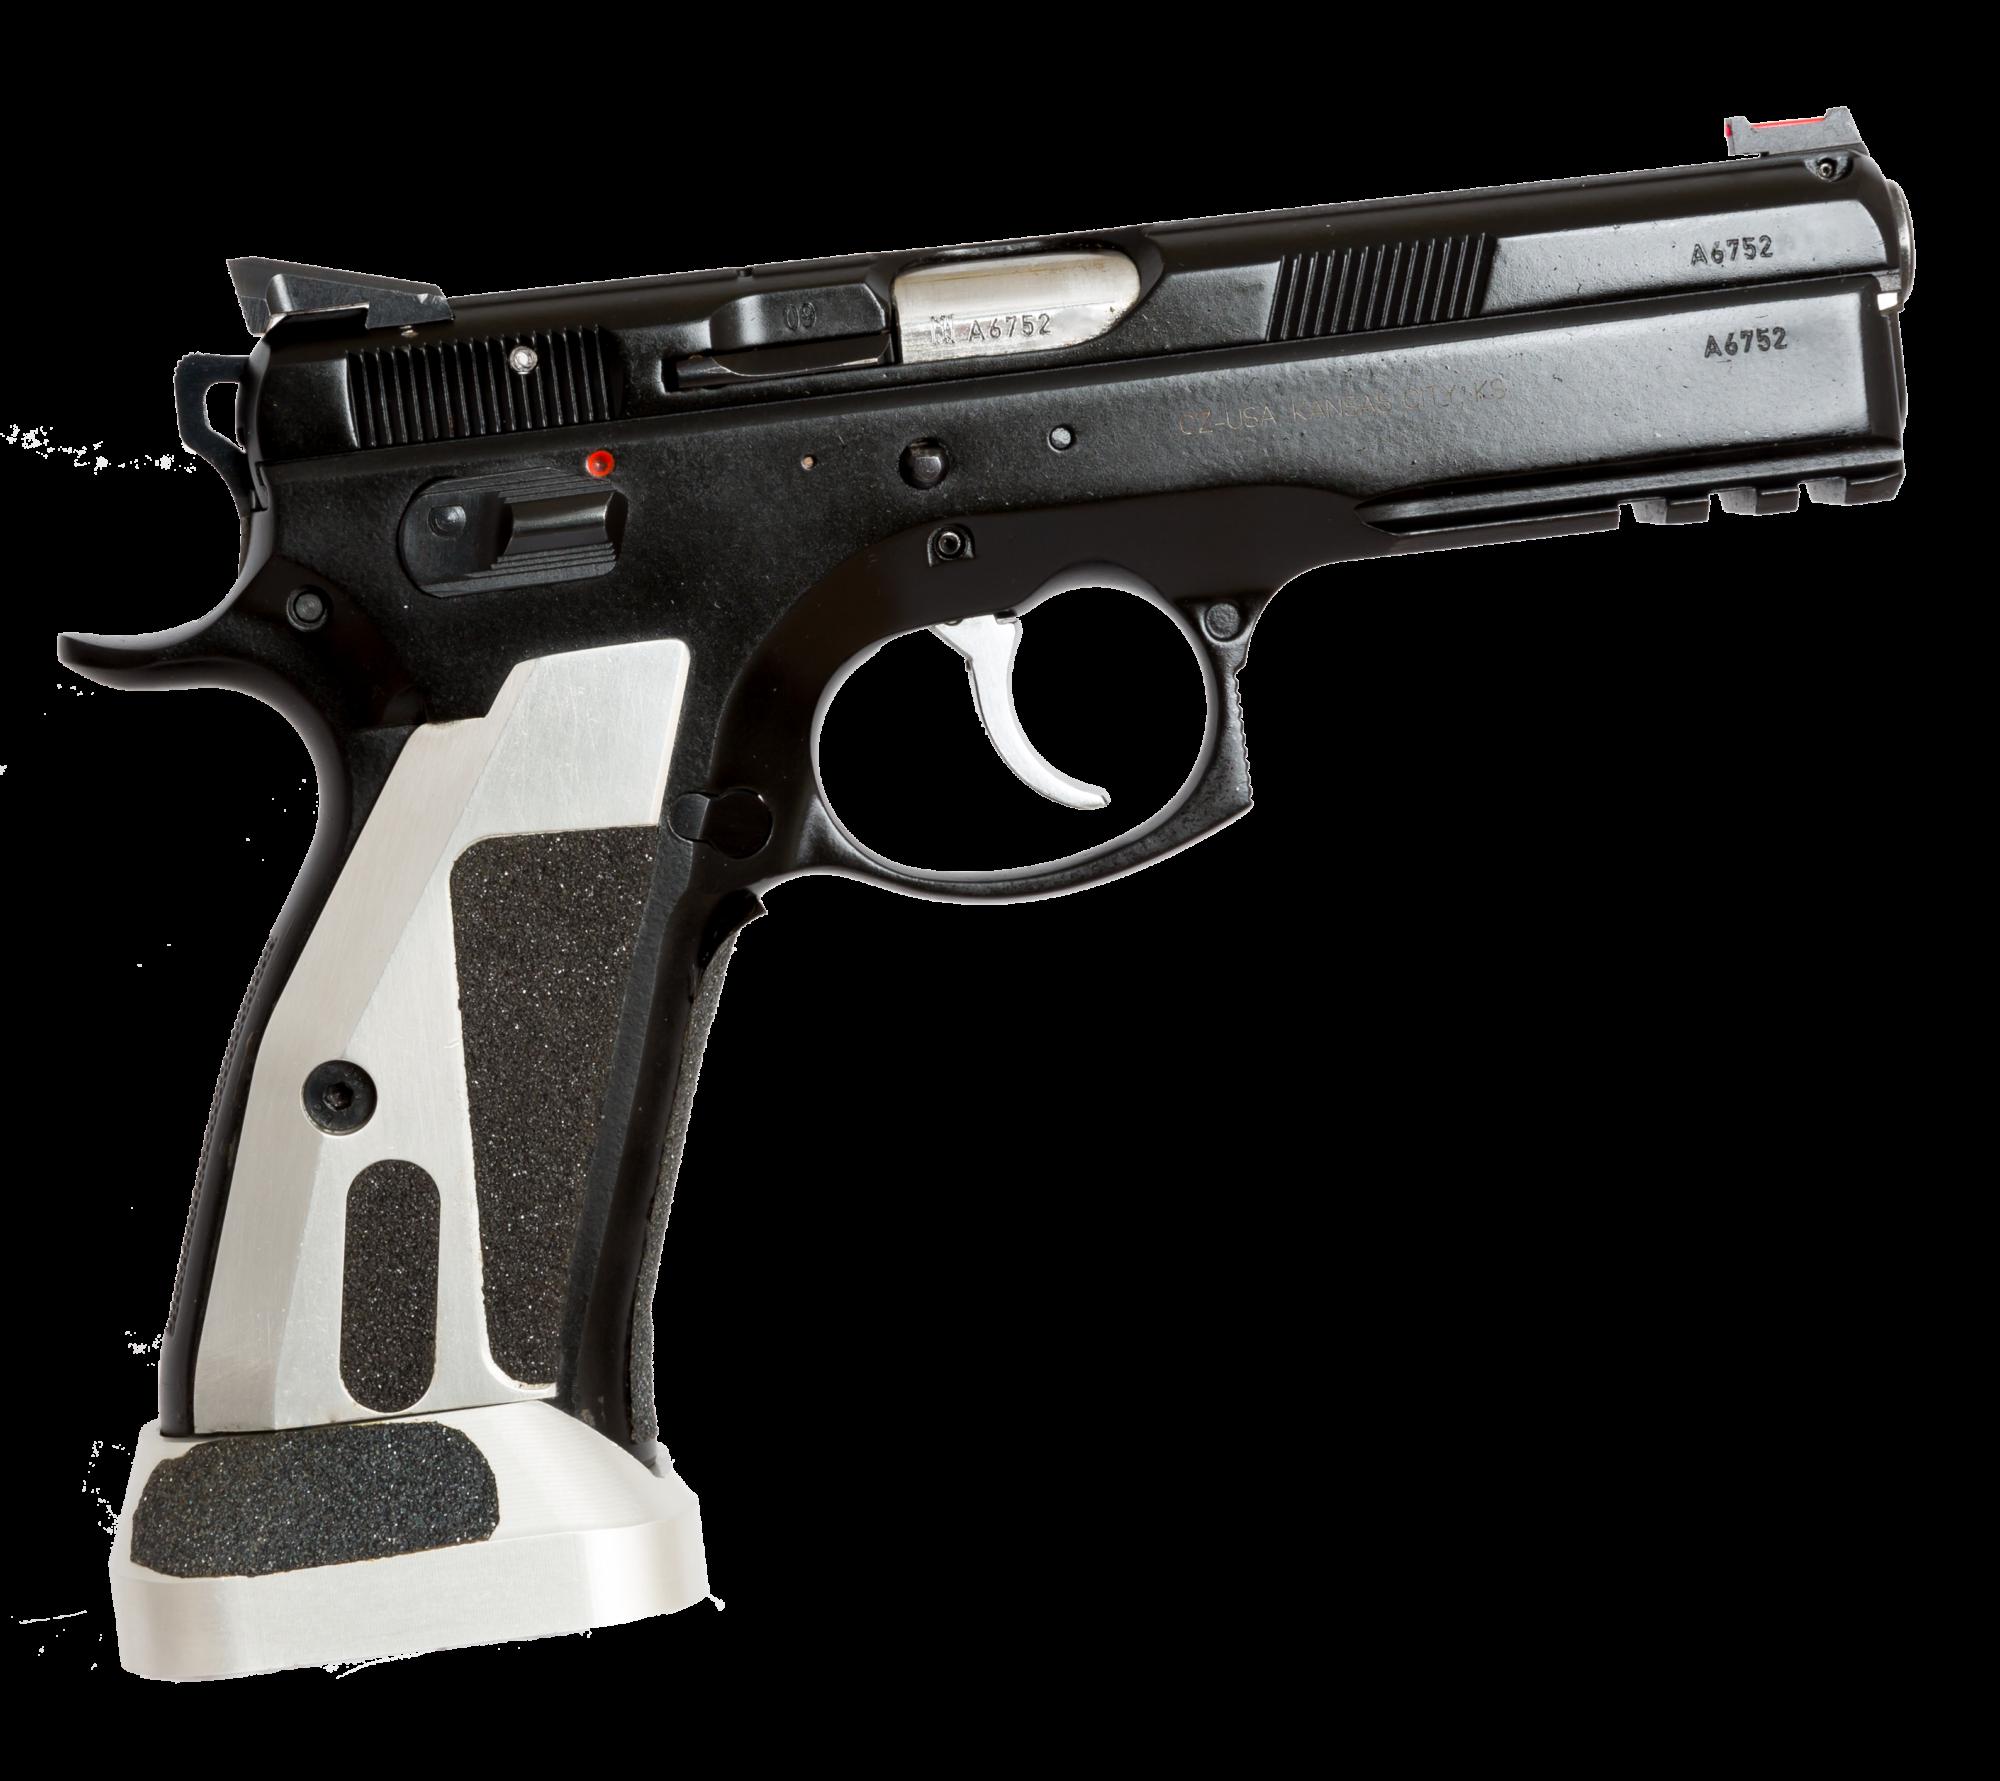 gun 2087470 von dirtdiver auf Pixabay e1615728171614